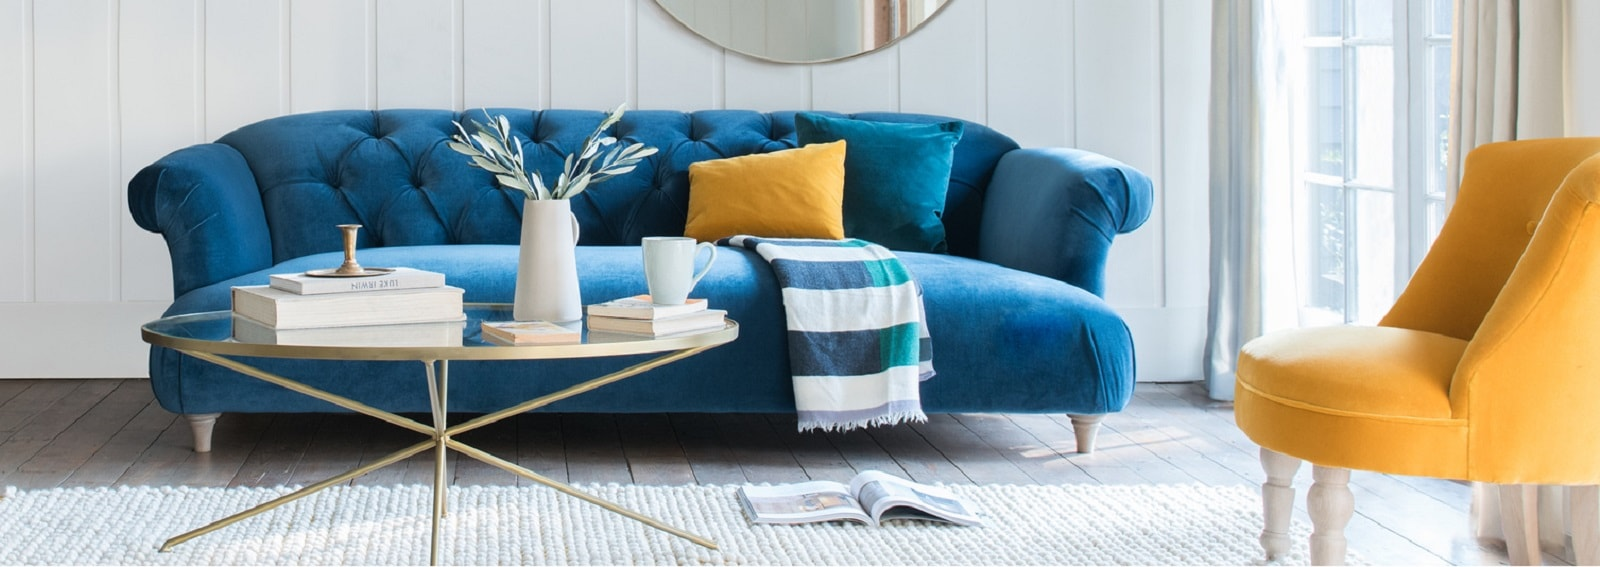 Come scegliere divano Desktop